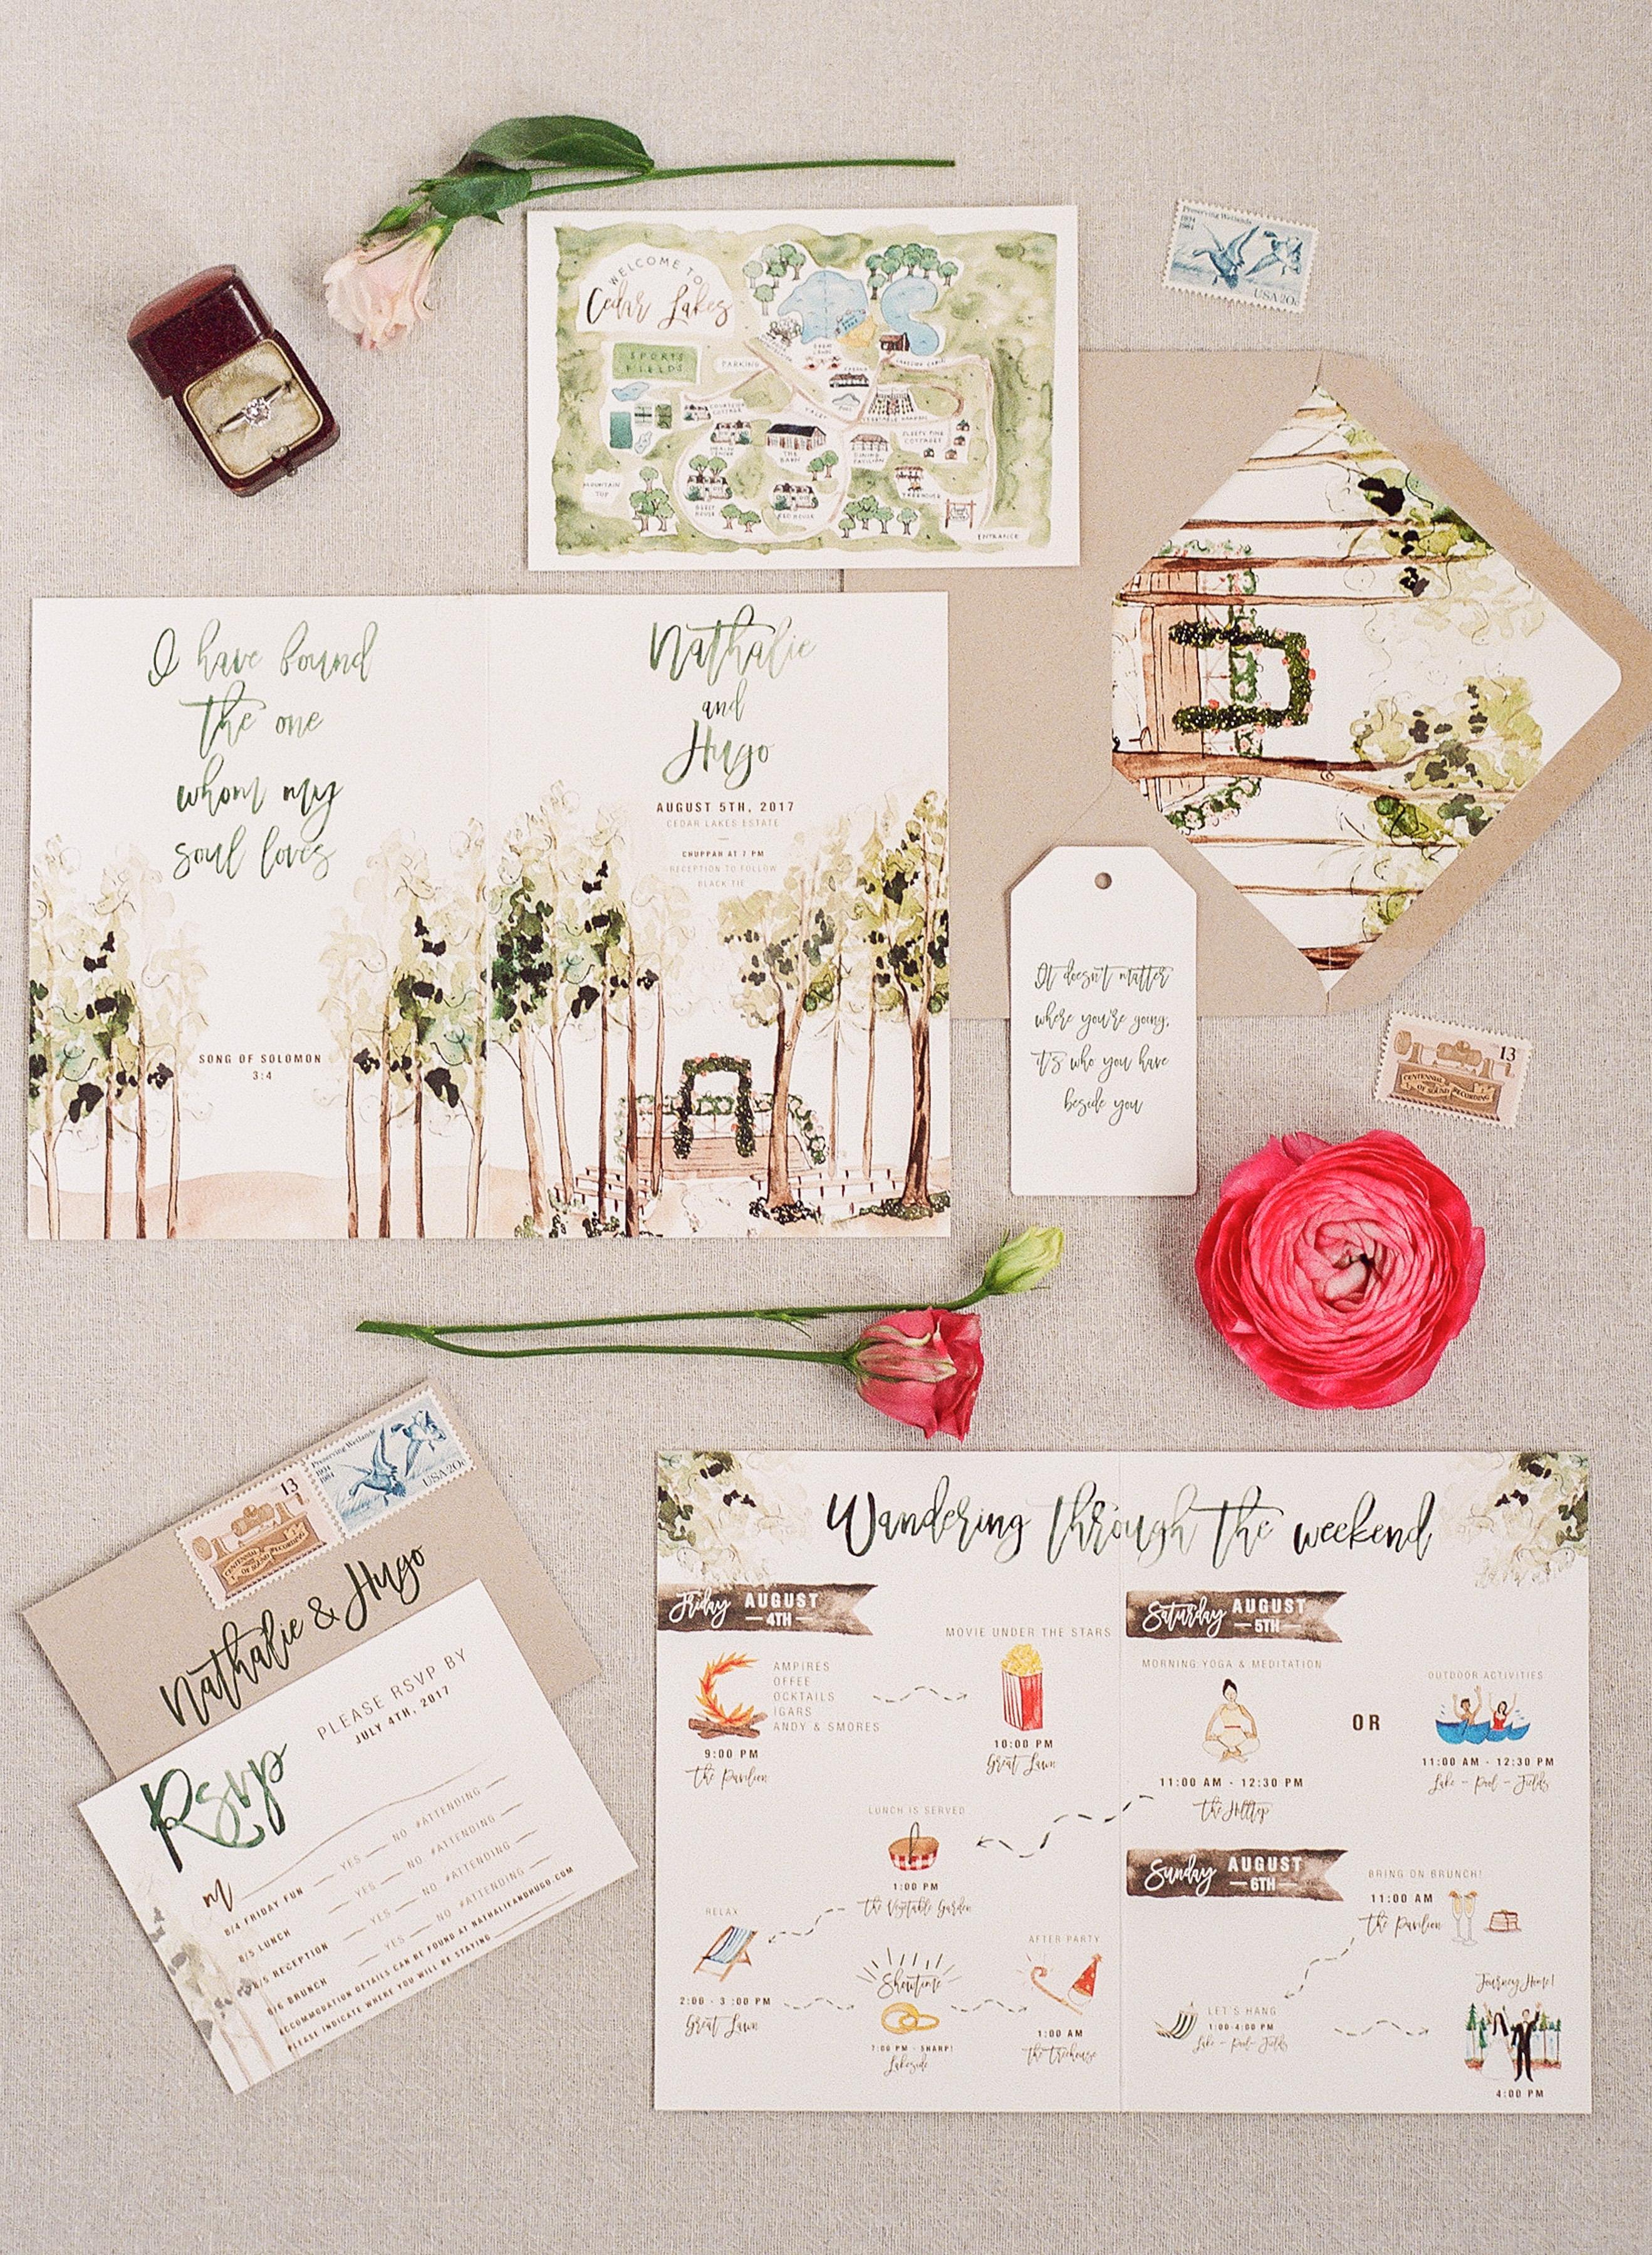 Unquie Wedding Invitations.29 Ideas For Unique Wedding Invitations Martha Stewart Weddings